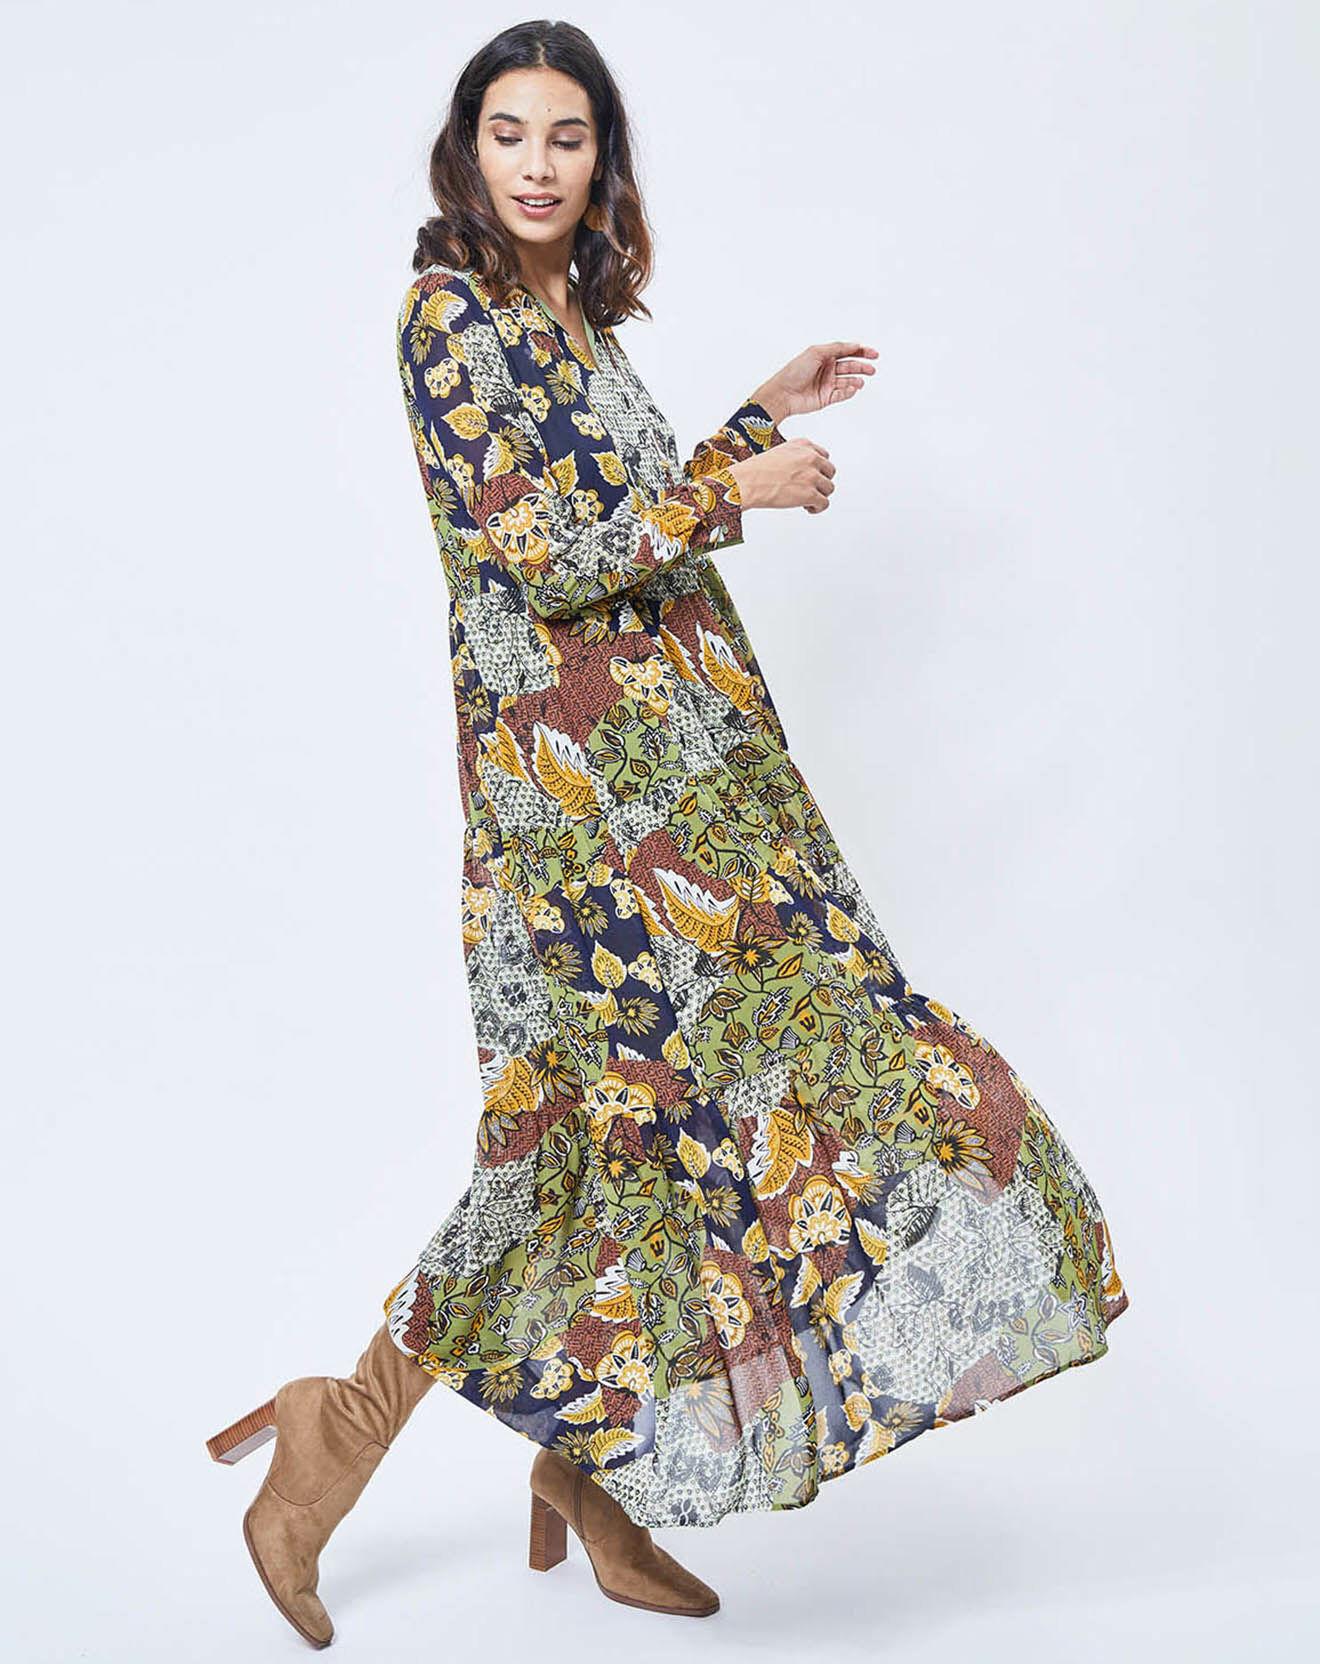 Robe longue imprimée Jungle vert/multicolore - Esprit - Modalova